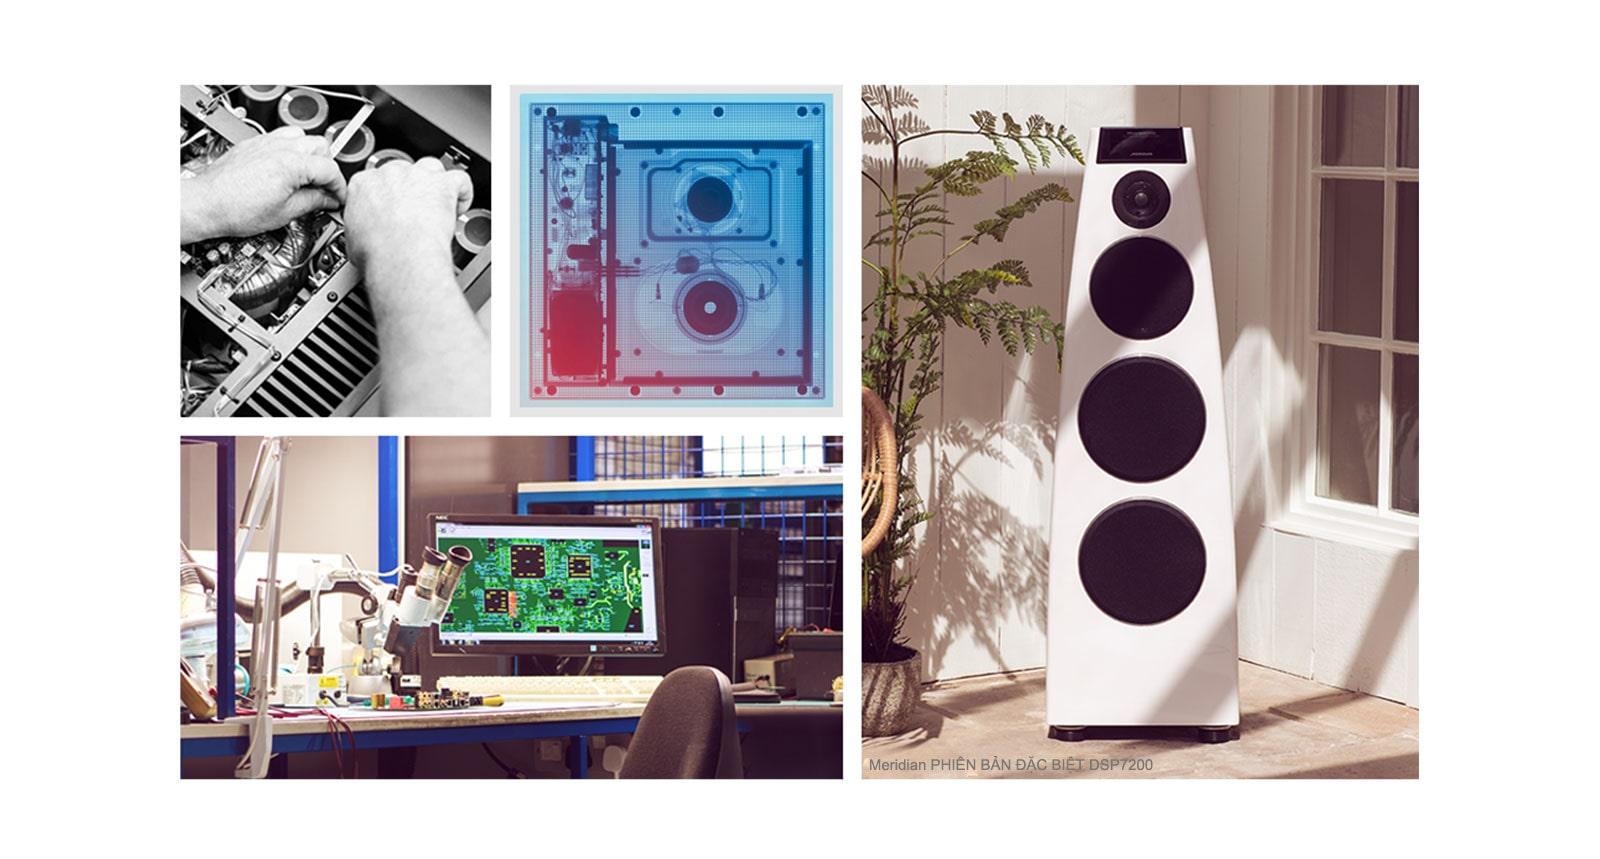 Bốn hình ảnh phần cứng nội bộ của Meridian, một loa Meridian màu trắng và bàn nghiên cứu & phát triển của Meridian